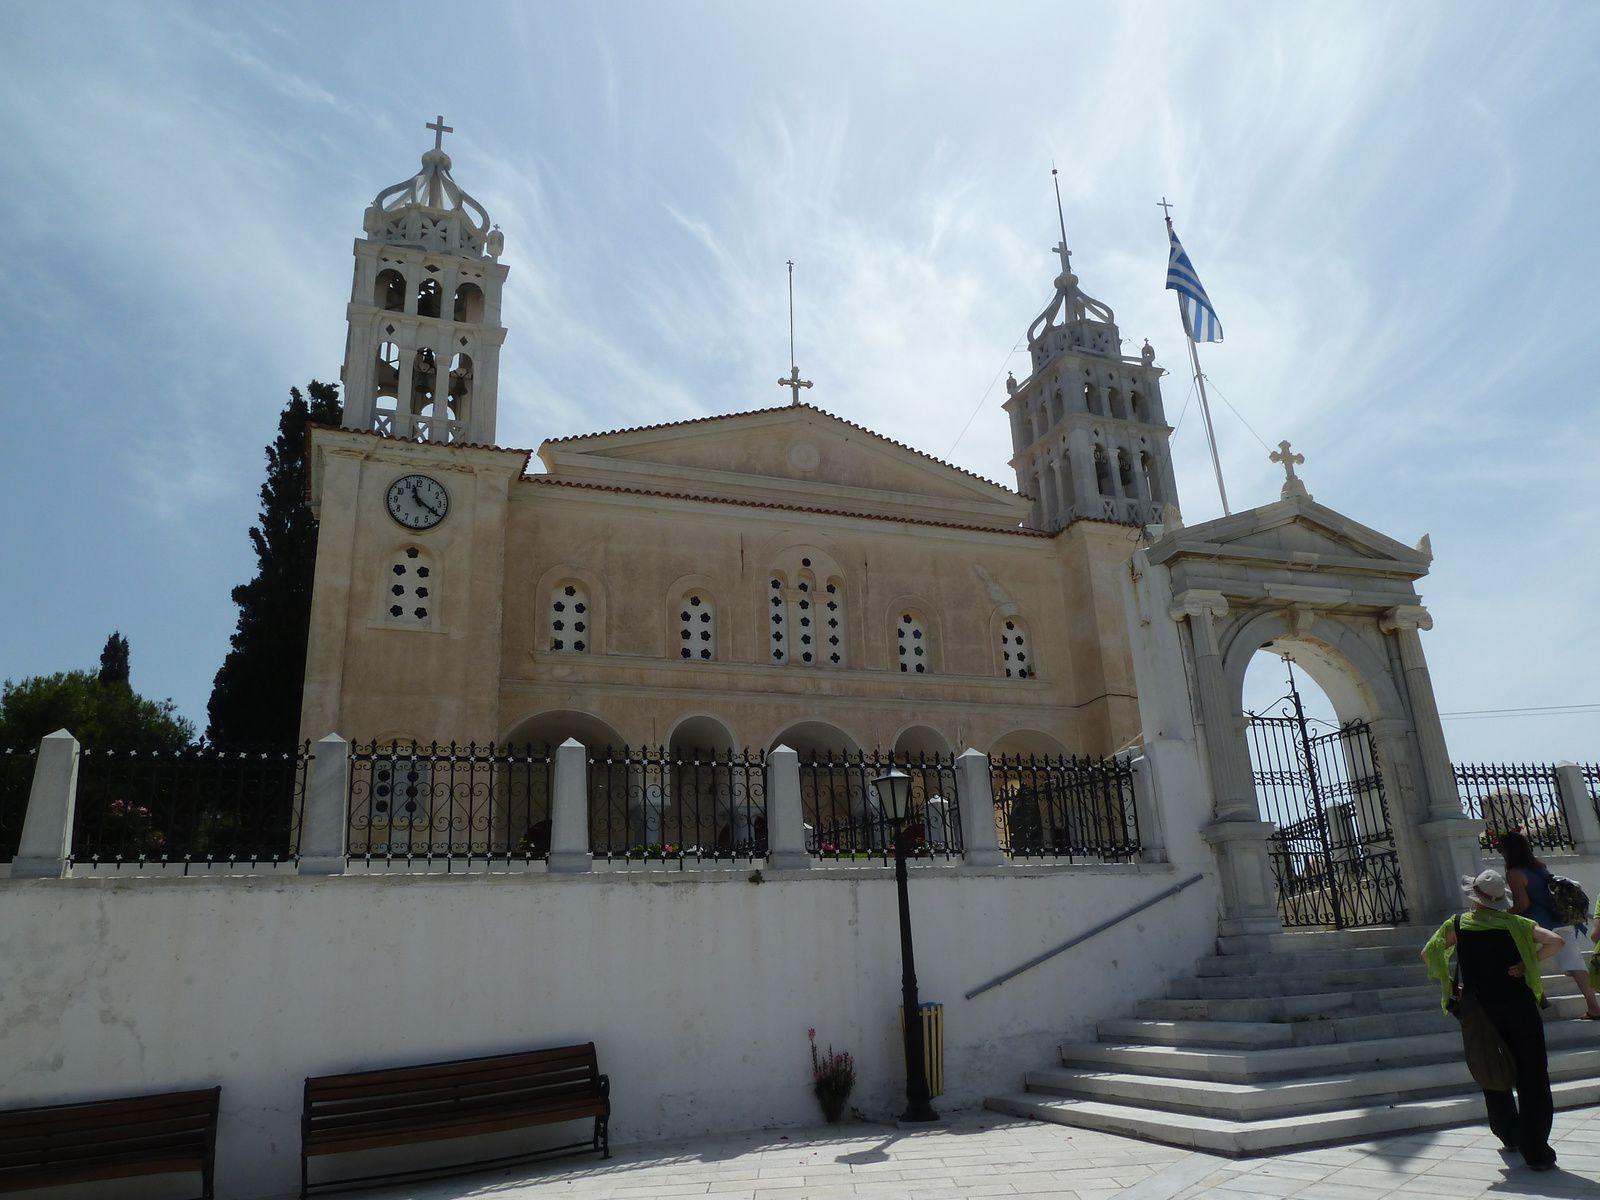 Imposant, majestueux, le sanctuaire de la Sainte Trinité de Paros (fermé) a été fondé en 1830 à l'emplacement de trois petits sanctuaires qui étaient voués à l'Ascension du Christ, à Saint Georges et à Sainte Anne, et achevé en 1835. Ce sanctuaire majestueux est une basilique à trois nefs, le toit de la nef centrale étant surélevé. Sur la façade ouest il existe une avant-nef qui est soutenue par quatre colonnes doubles de marbre de style ionique, avec des ouvertures en arcade sur trois de ses côtés, tandis que sur le quatrième, au fond, se trouvent les trois portes du sanctuaire, dont la porte centrale qui est plus élevée et plus majestueuse. Au-dessus de celle-ci a été encastrée une céramique représentant la Sainte Trinité, œuvre de l'artiste Virginia Fifa-Kydonieos. Au-dessus de l'avant-nef se trouve l'étage réservé aux femmes. A l'extérieur, le toit du sanctuaire est à deux pentes. L'intérieur du sanctuaire est lumineux. La nef centrale est surmontée d'une arcade, tandis que les nefs latérales ont des voûtes croisées. Les nefs sont délimitées par deux colonnades, chacune comportant quatre colonnes de marbre, jointes entre elles par des arches. Devant le sanctuaire se trouve une vaste cour pavée de marbre ornée d'un portail de marbre avec des colonnes et un fronton. Le sanctuaire de la Sainte Trinité de Paros a été classé monument historique protégé par le Ministère de la Culture. Tous les éléments en marbre du sanctuaire ont été fabriqués en marbre blanc de Paros. Les campaniles, véritables chefs d'œuvre, sont un exemple exceptionnel du travail des sculpteurs populaires.